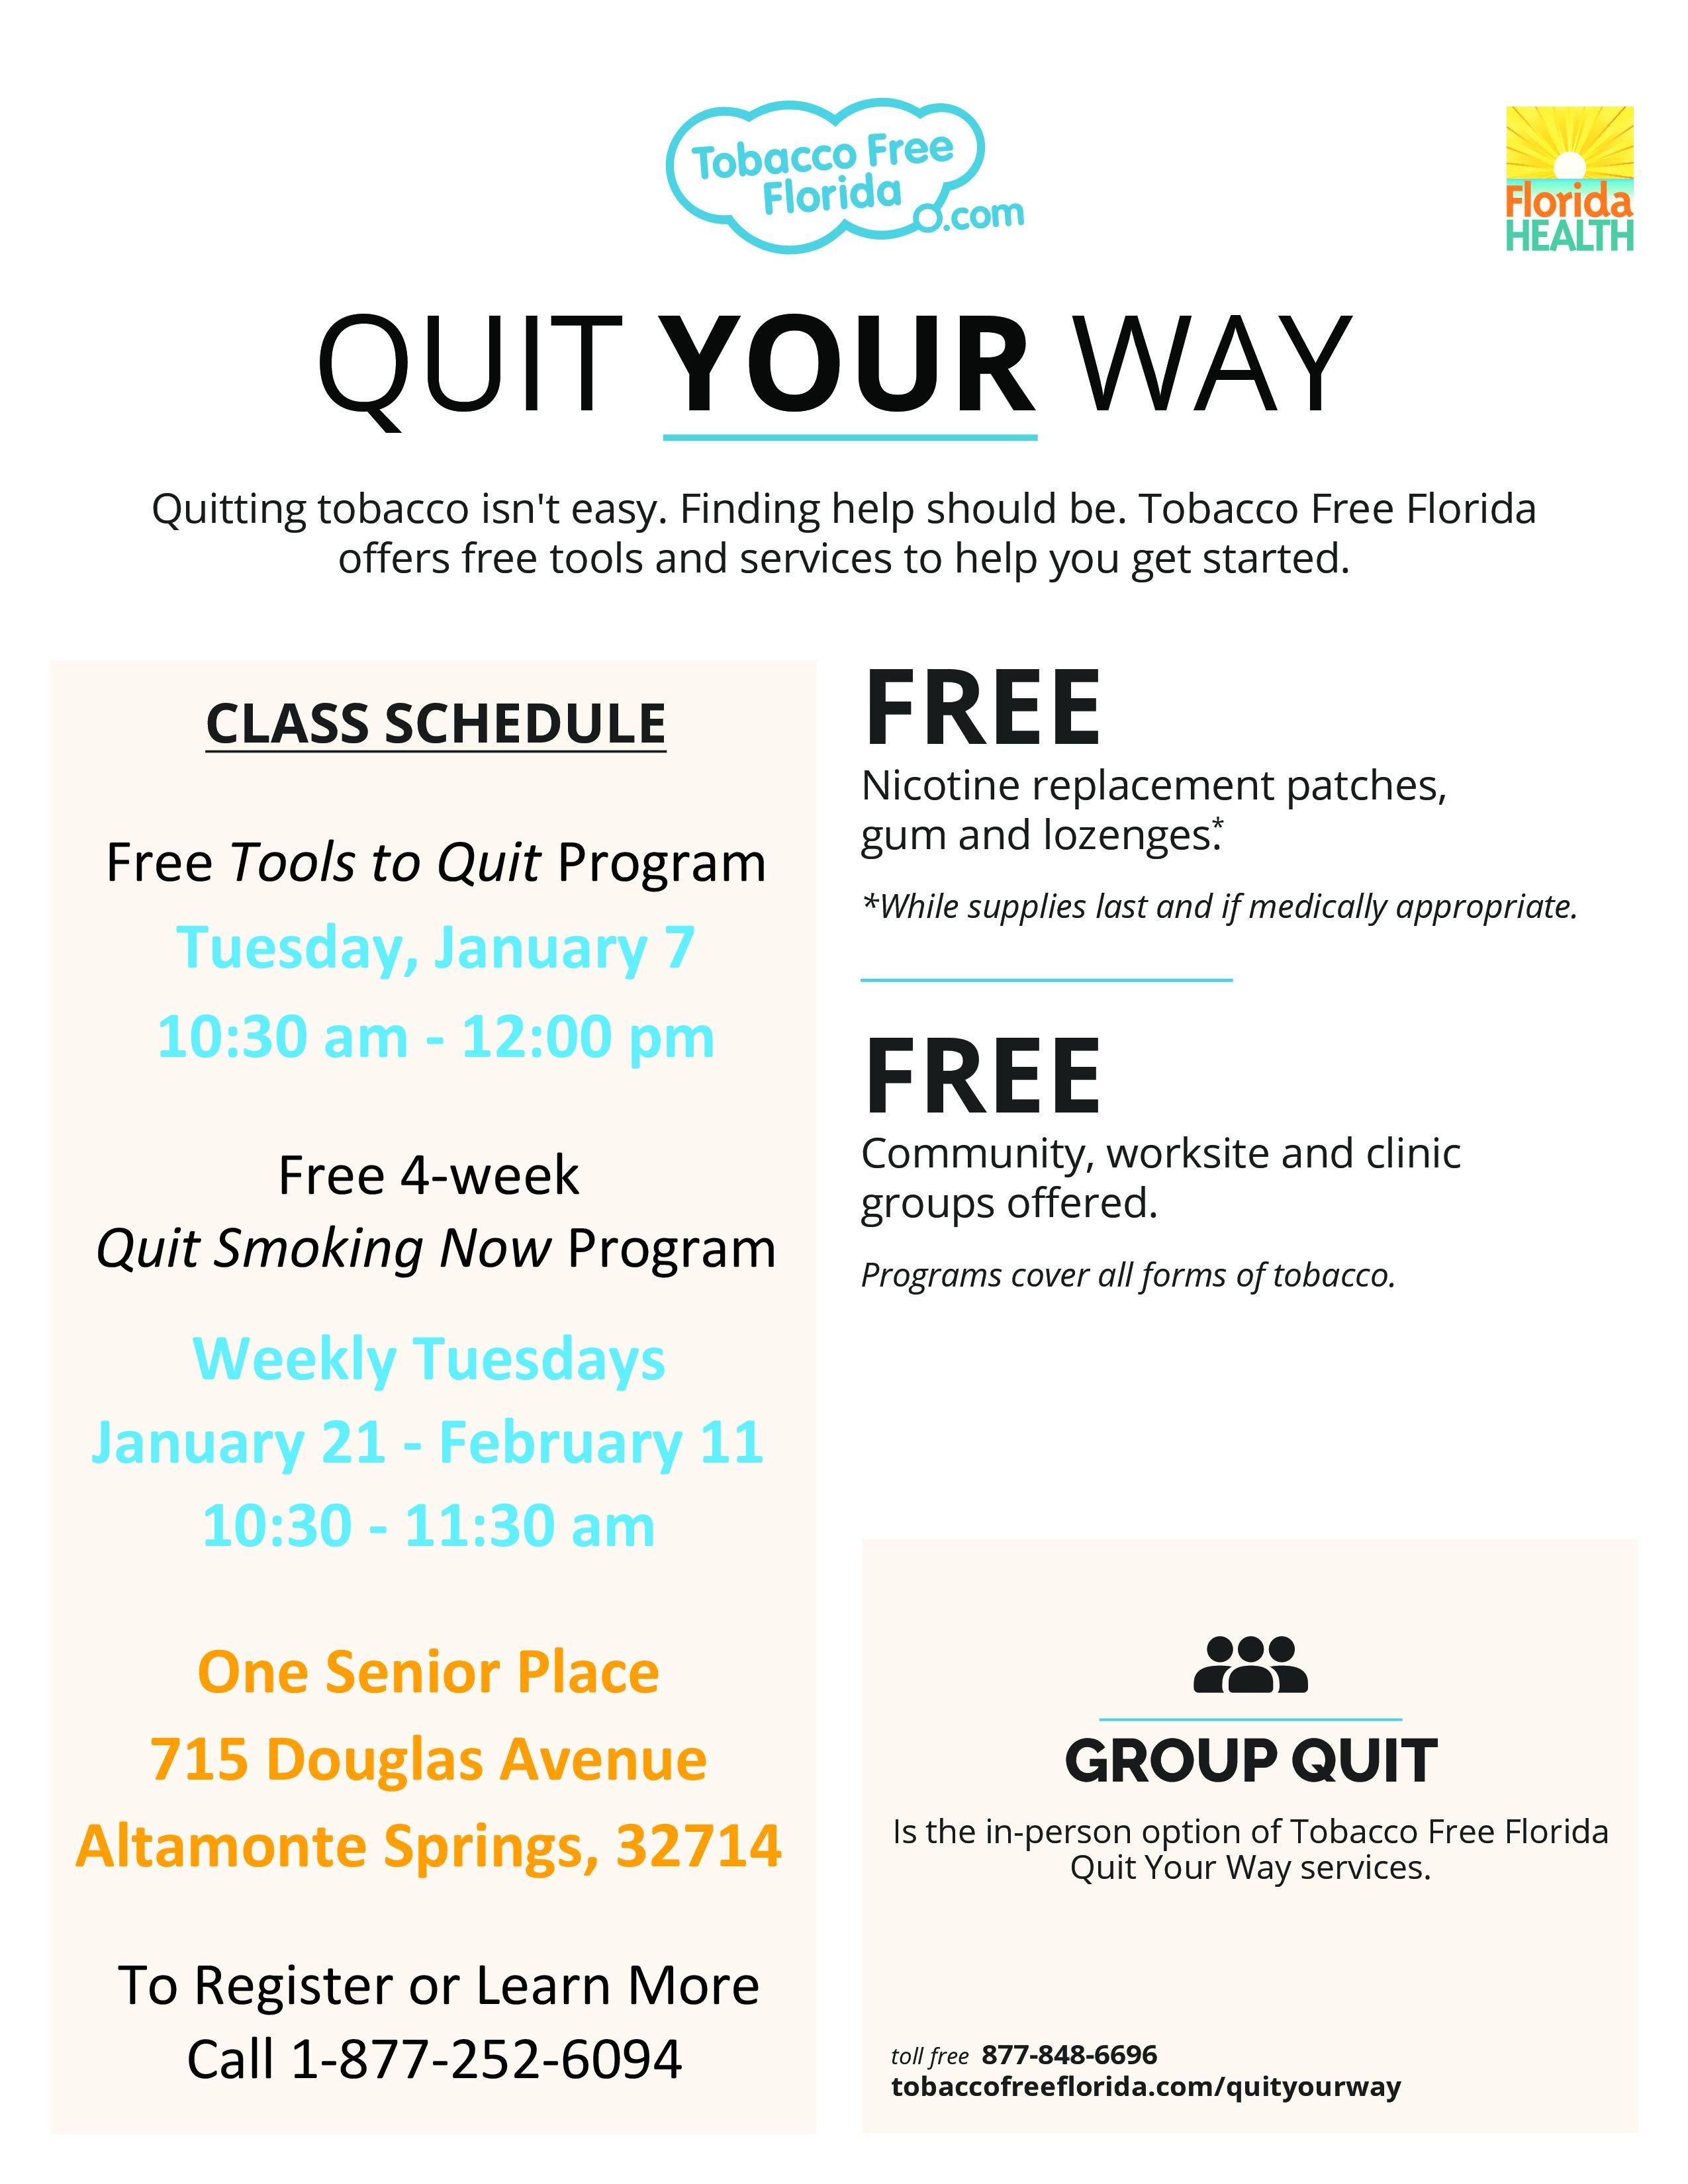 Free 4-Week Quit Smoking Now Program